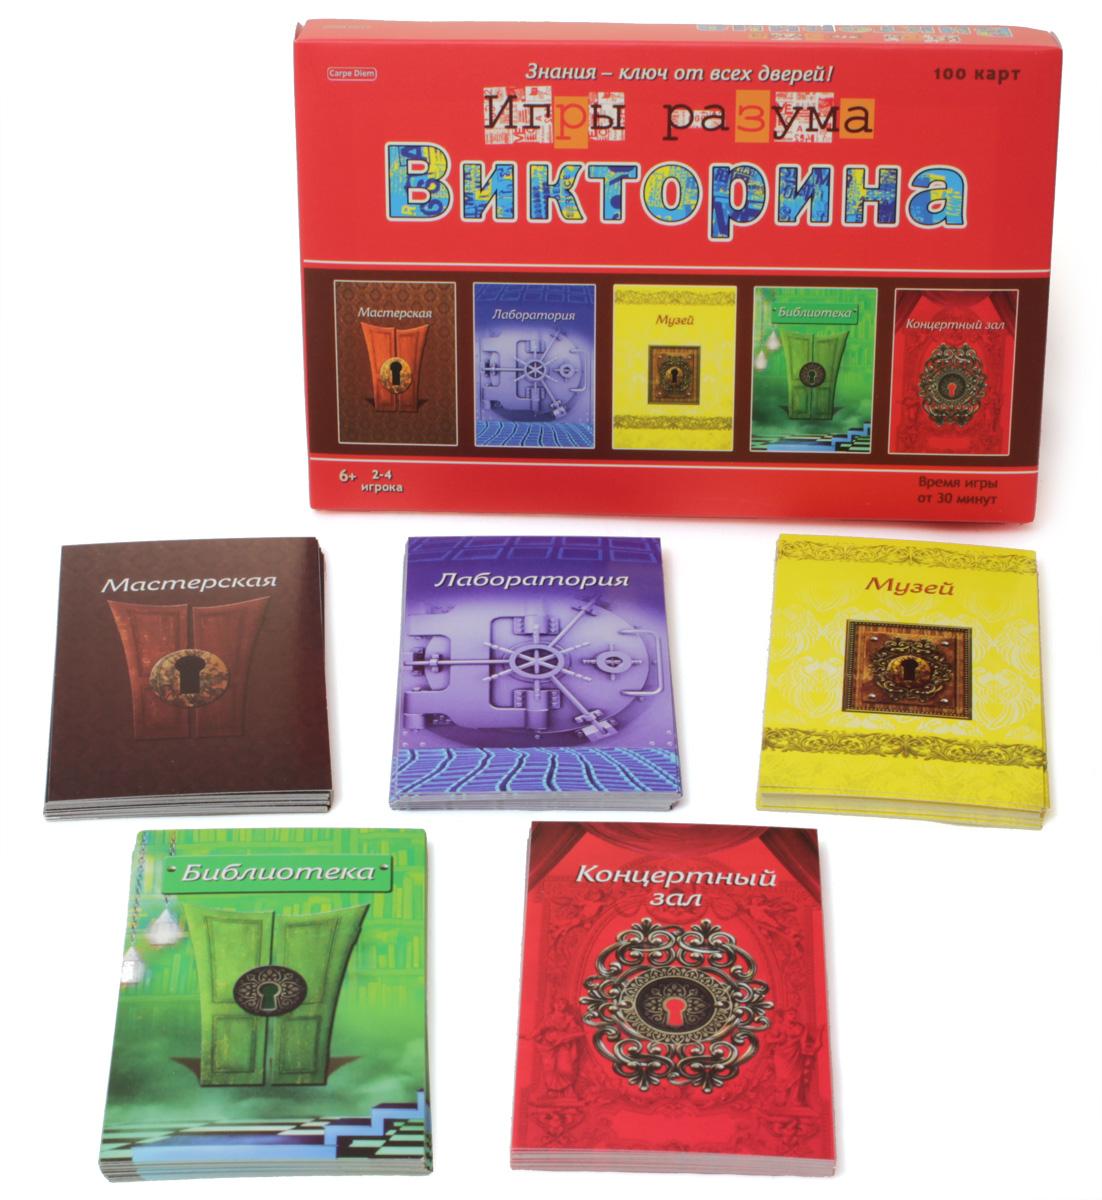 Рыжий Кот Викторина 100 карточек Игры разума mp3 плееры бу от 100 до 300 грн донецк